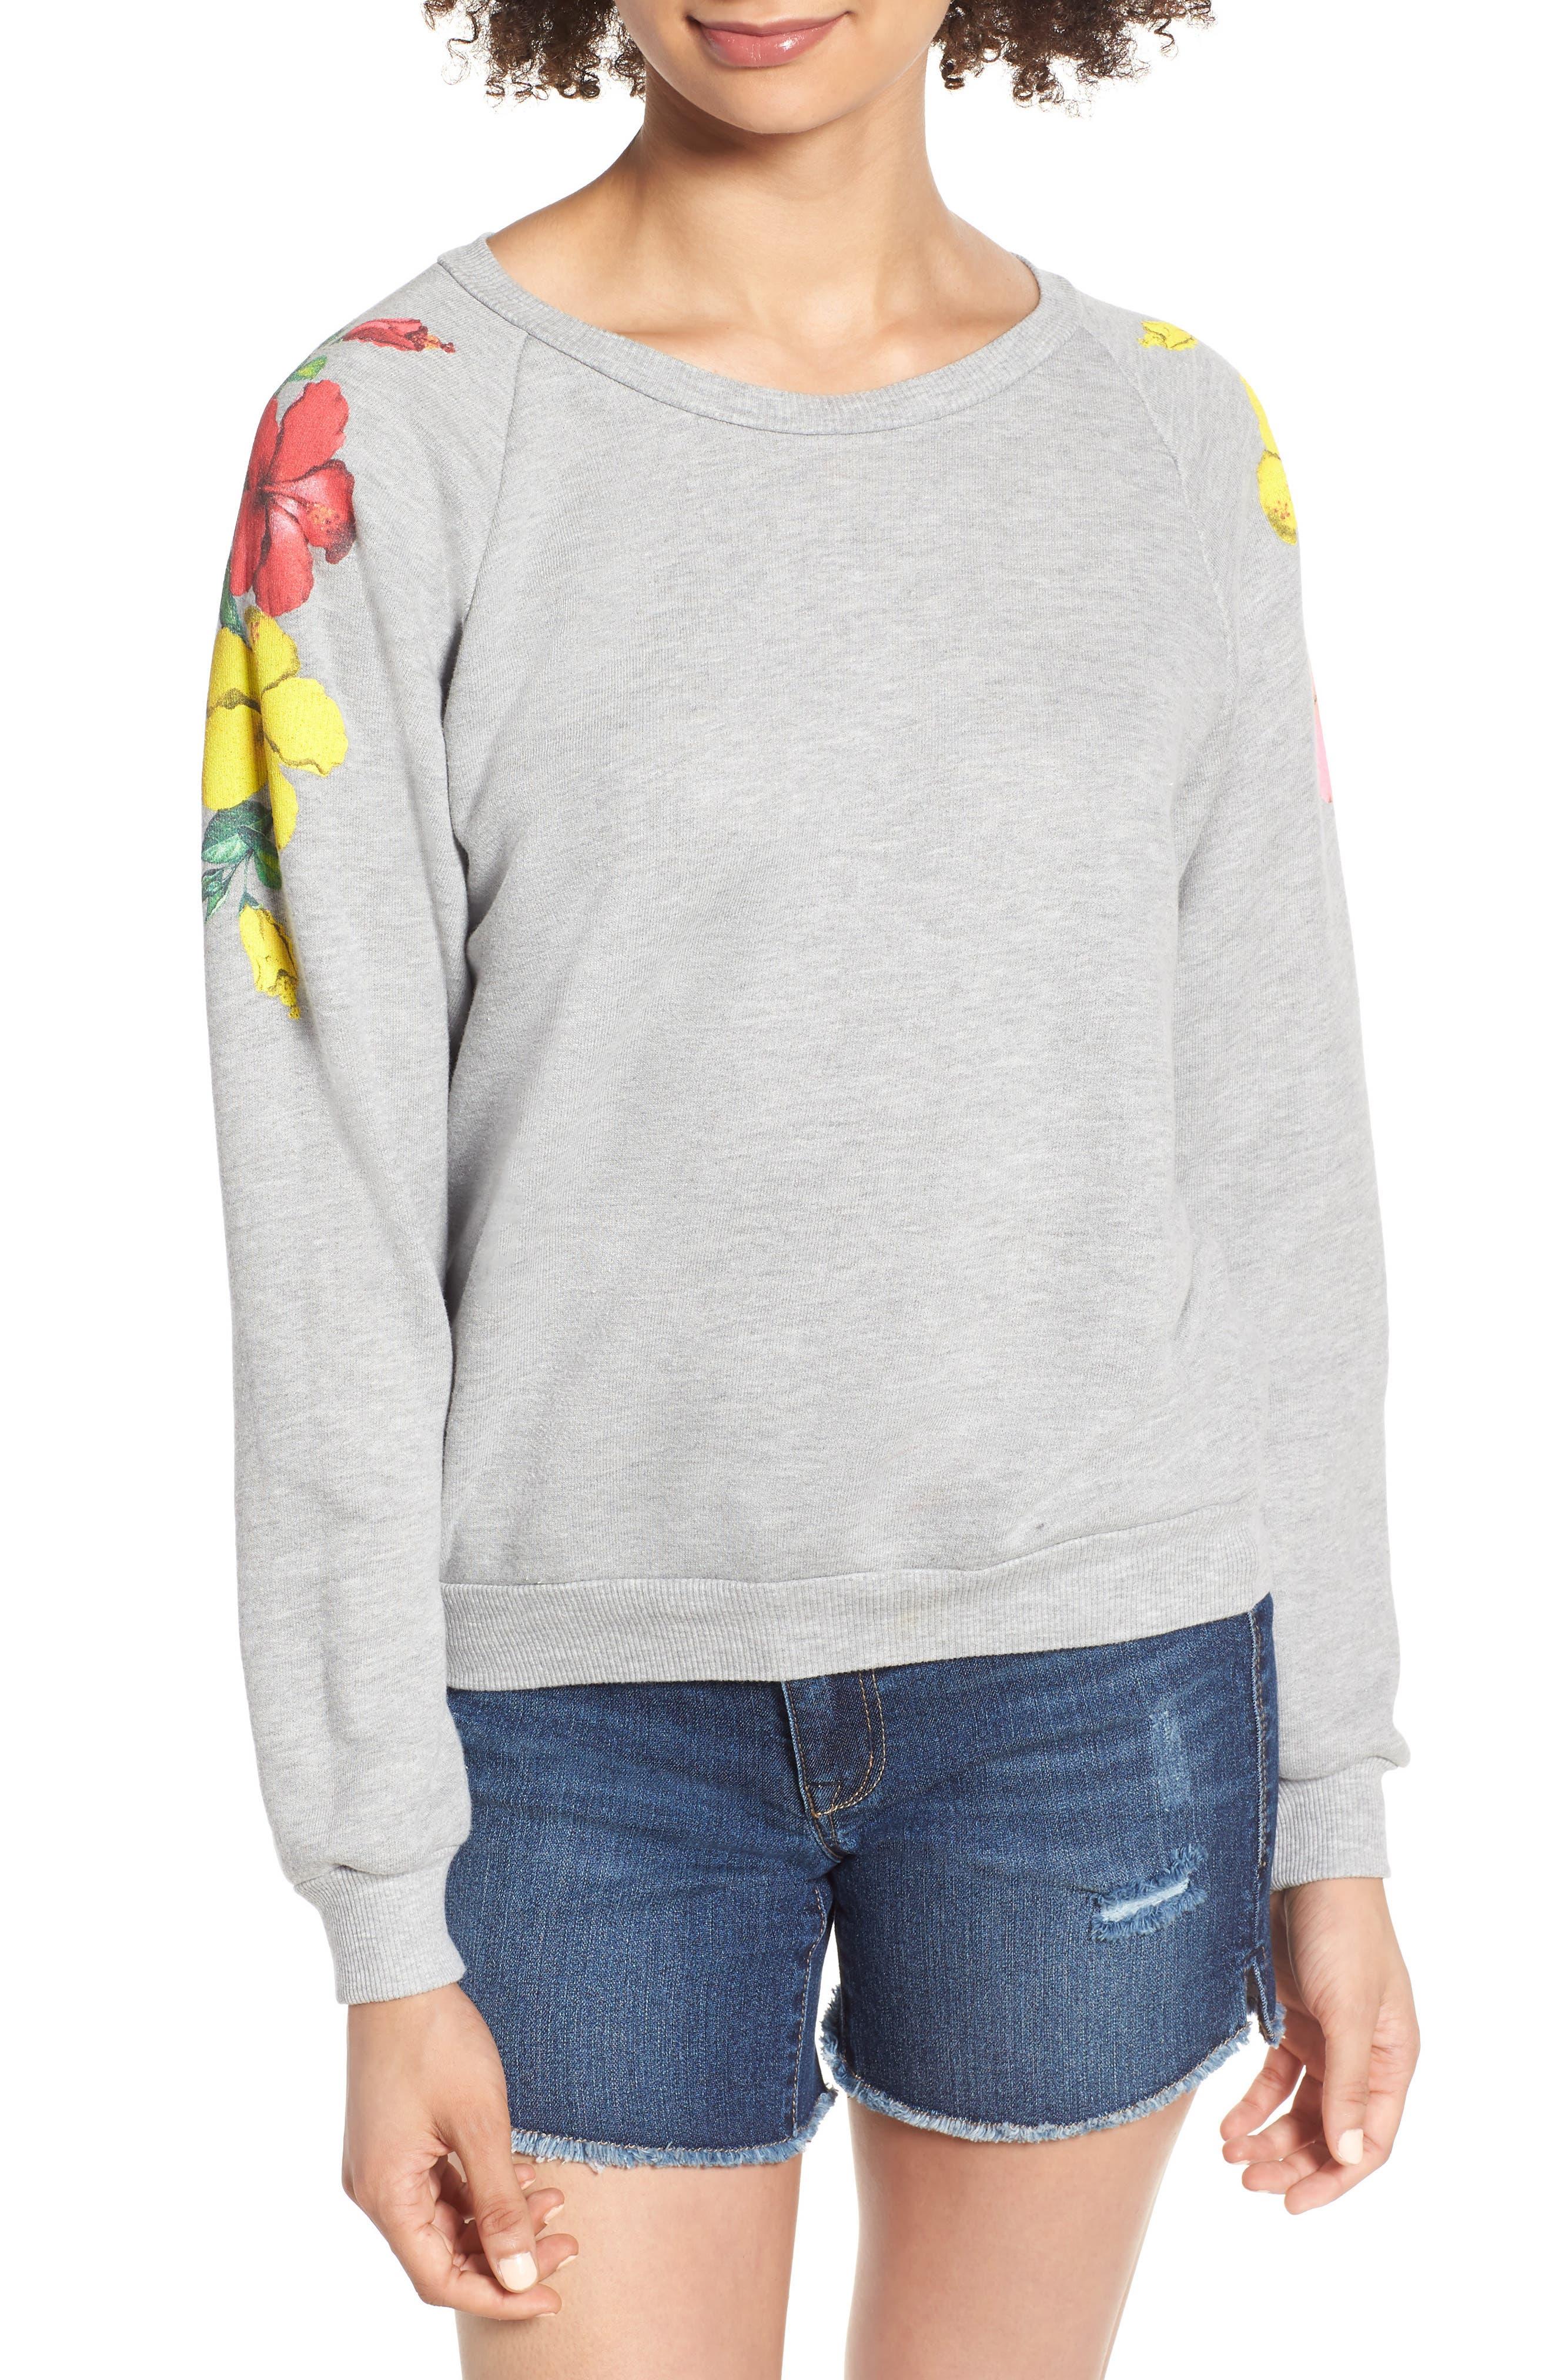 Hibiscus Junior Sweatshirt,                             Main thumbnail 1, color,                             020